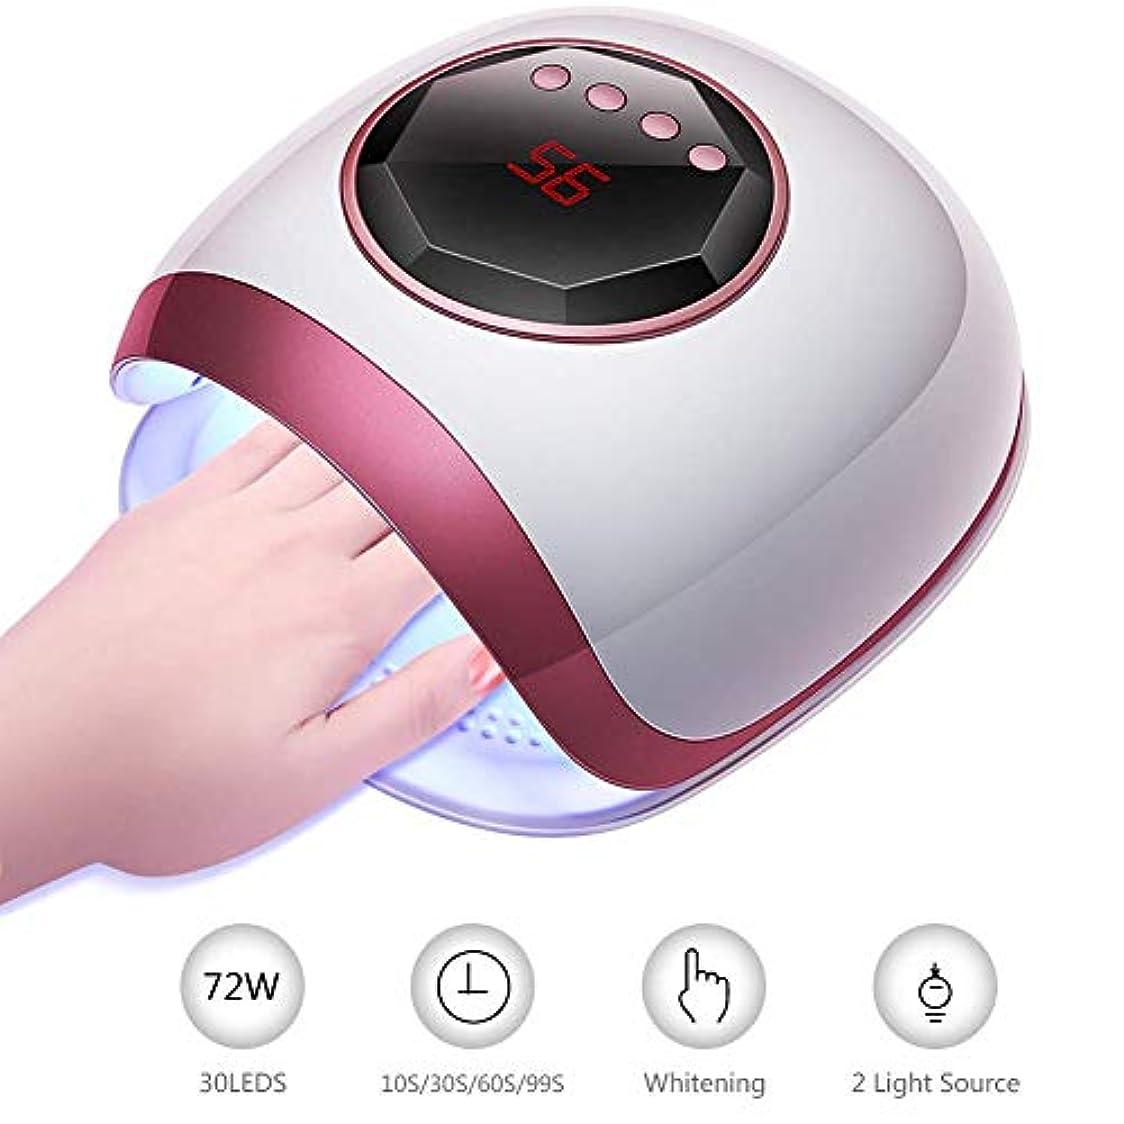 時計冷凍庫気になるジェルポリッシュ用72W UV 30 LEDネイルランプ、4タイマー設定センサー付きネイルドライヤー、デュアル光源、ホワイトニング機能ネイルランプドライヤー(爪&足指用)